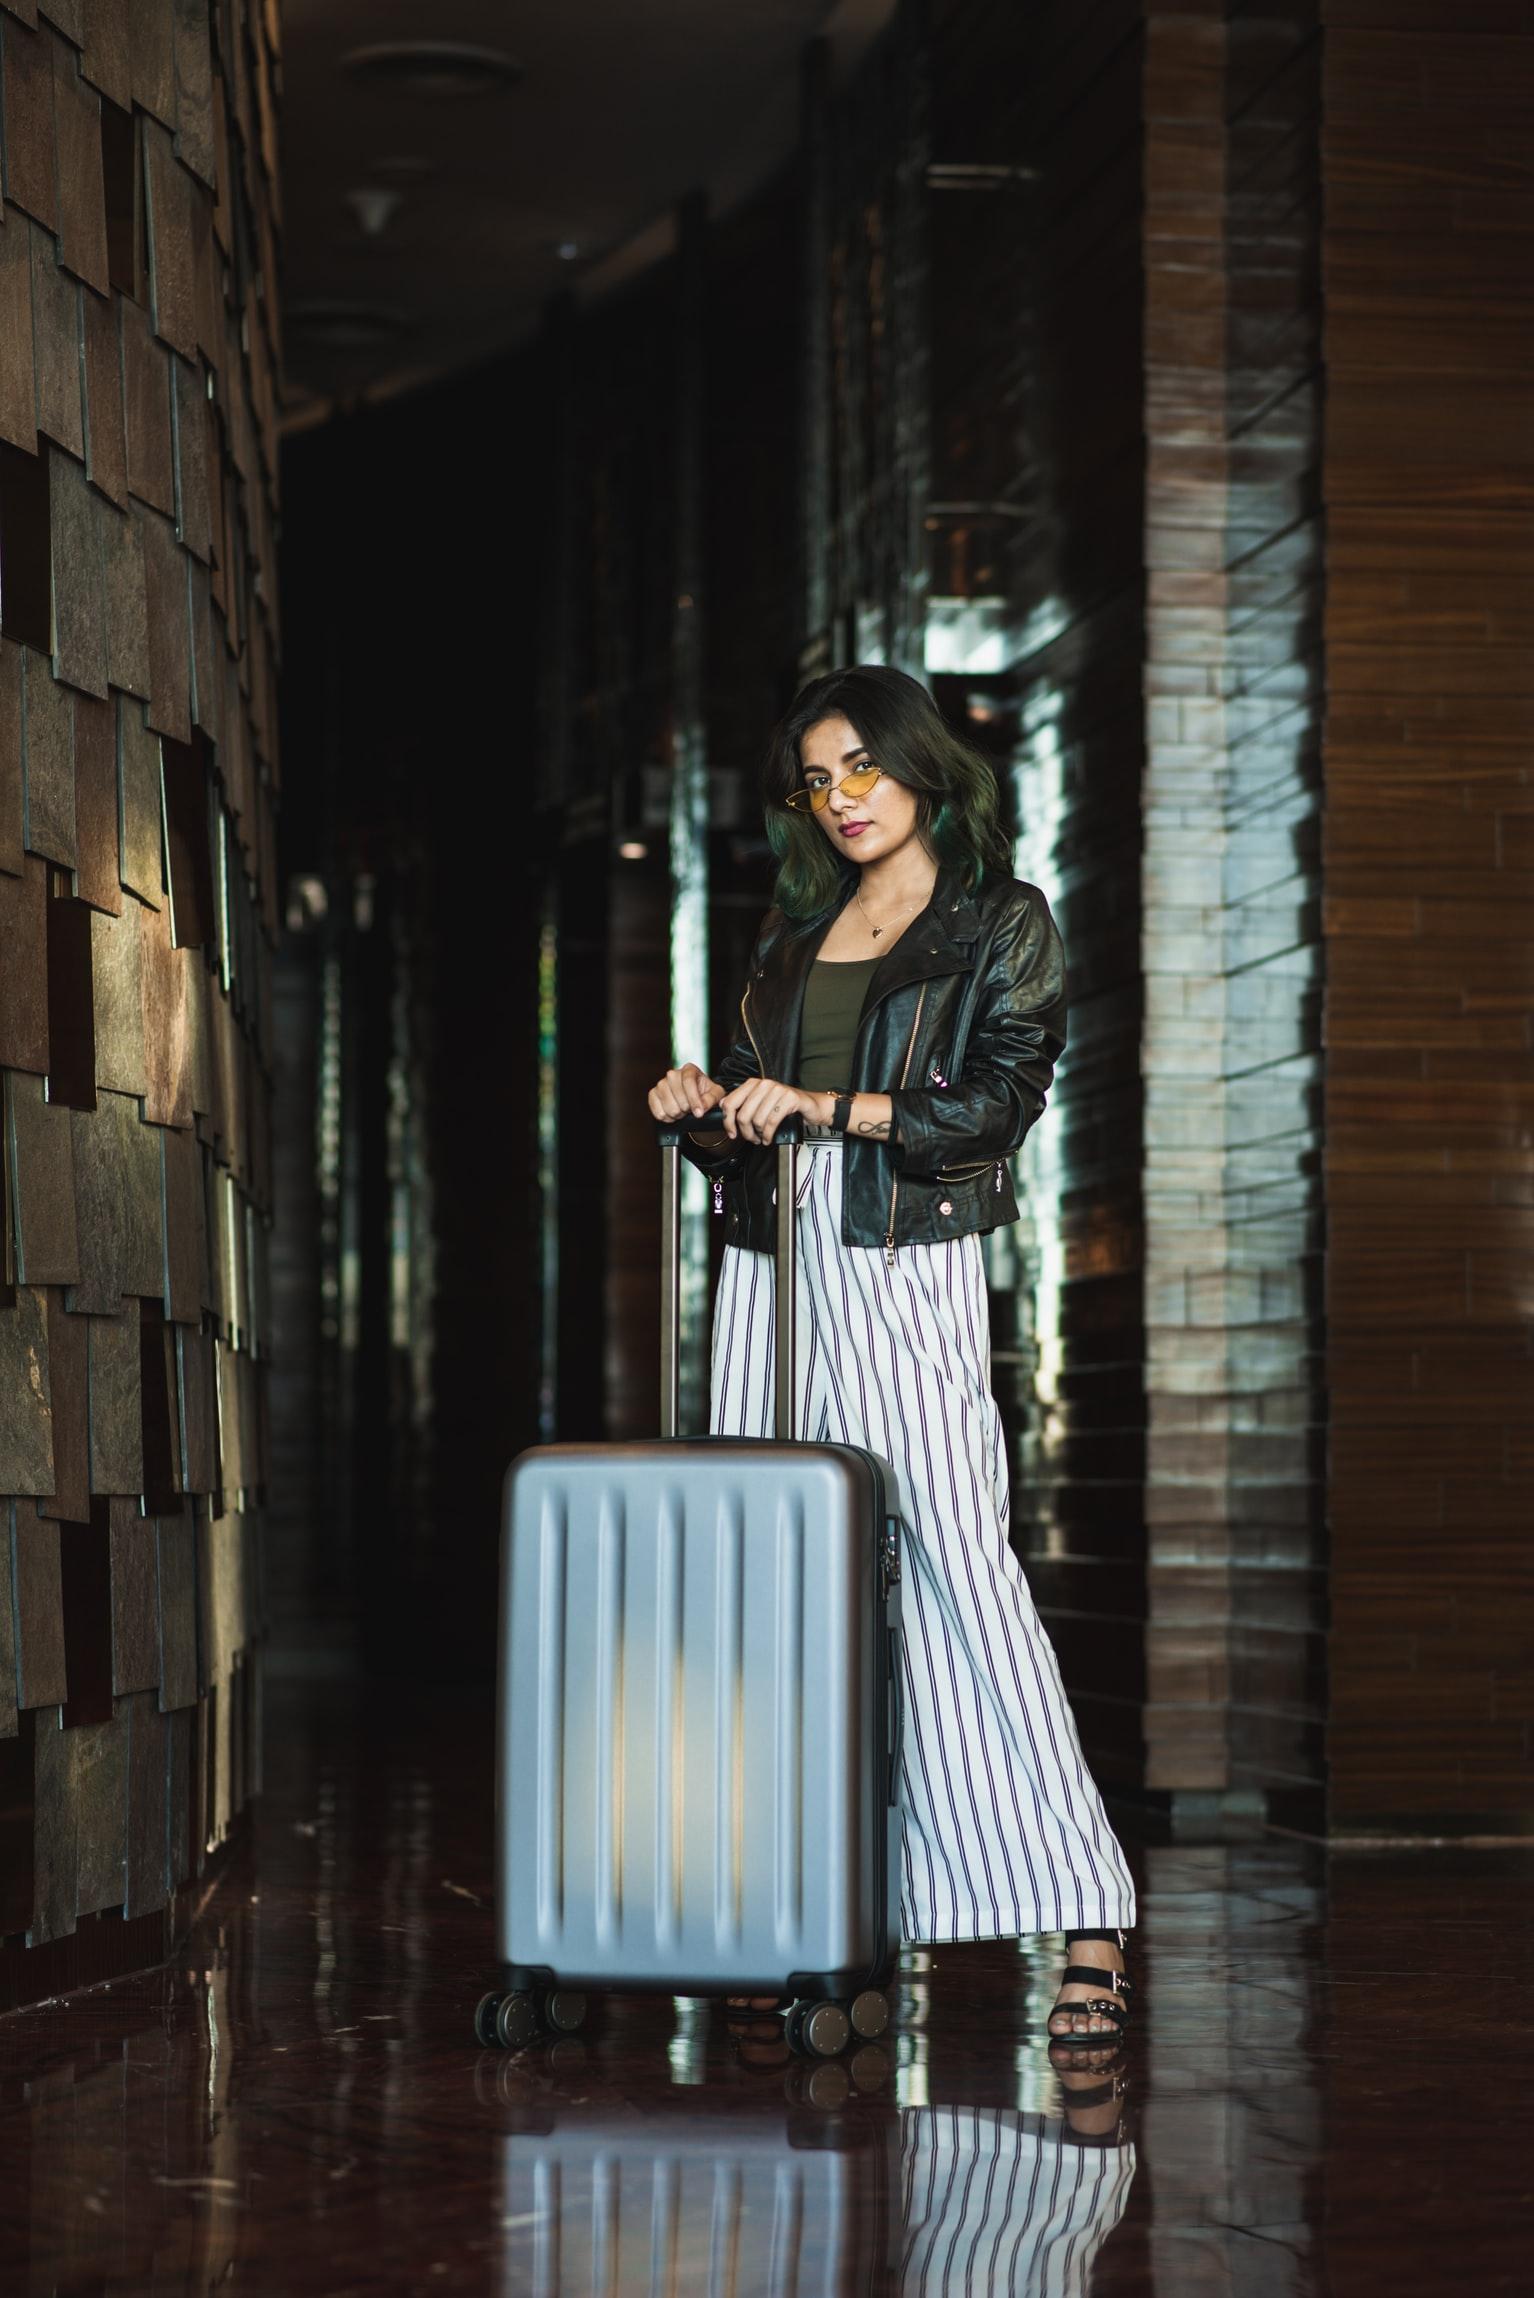 vali du lịch - vali 4 bánh vỏ cứng